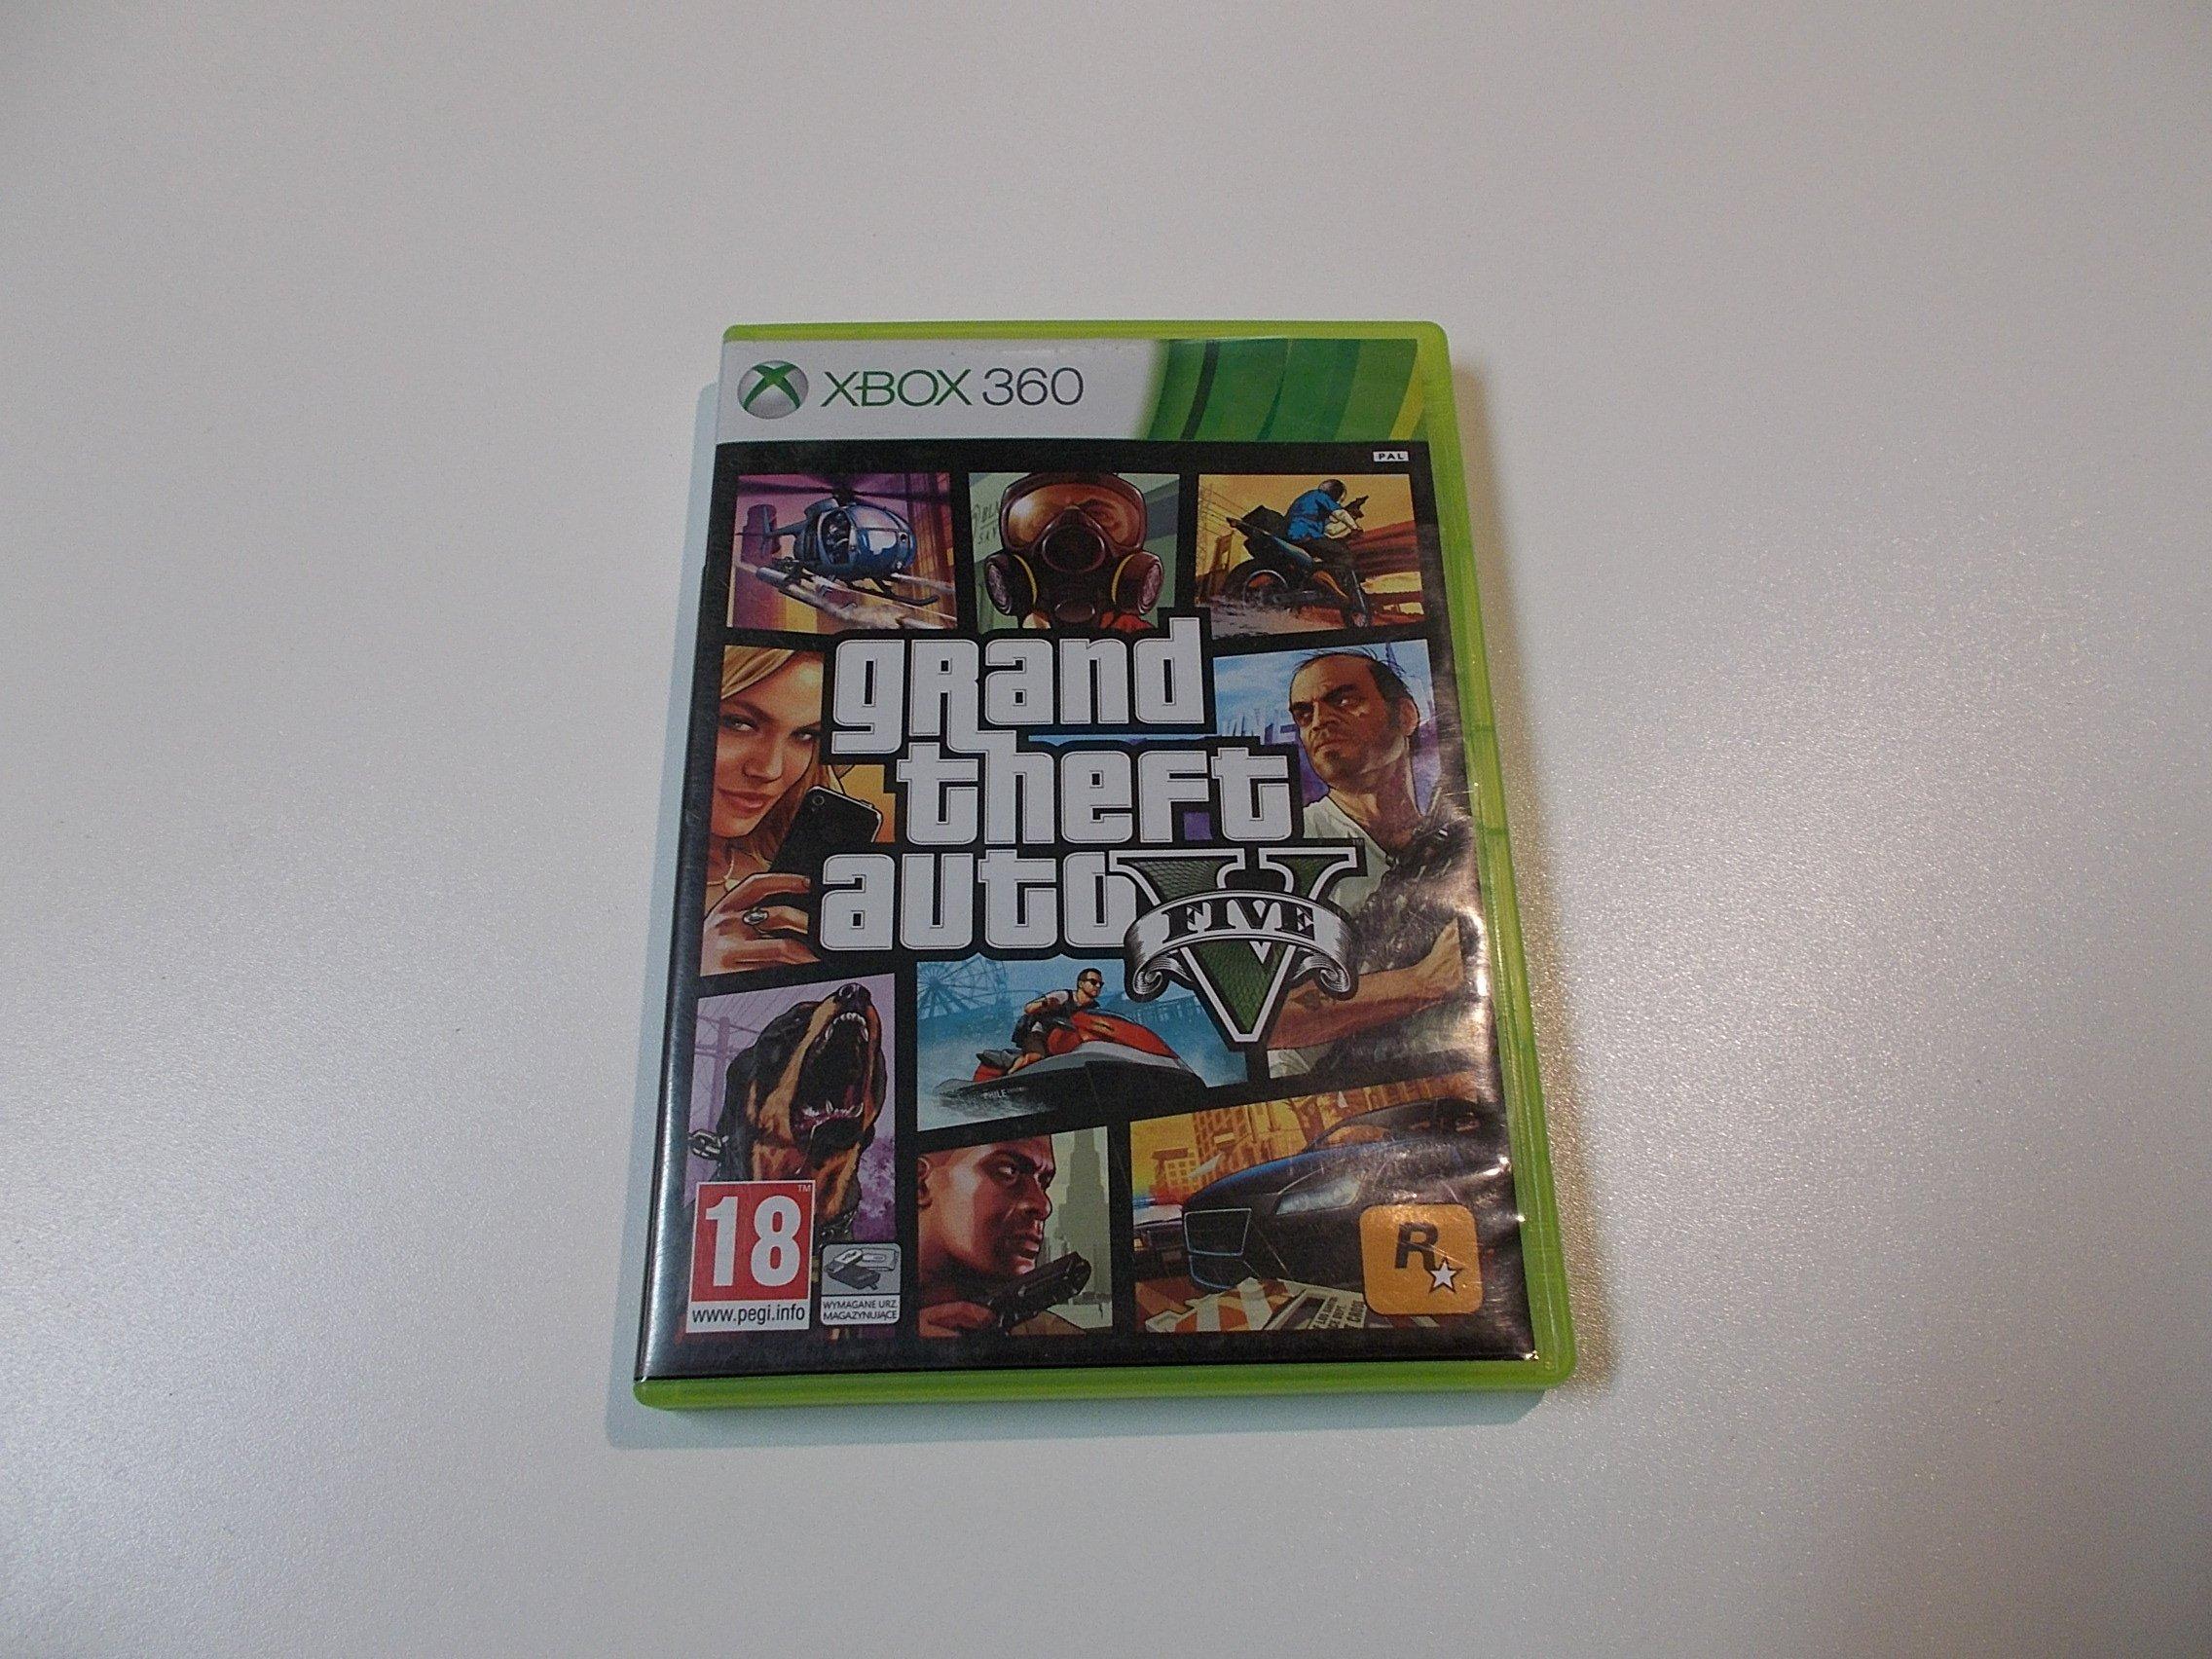 Grand Theft Auto 5 GTA V - GRA Xbox 360 - Opole 0376